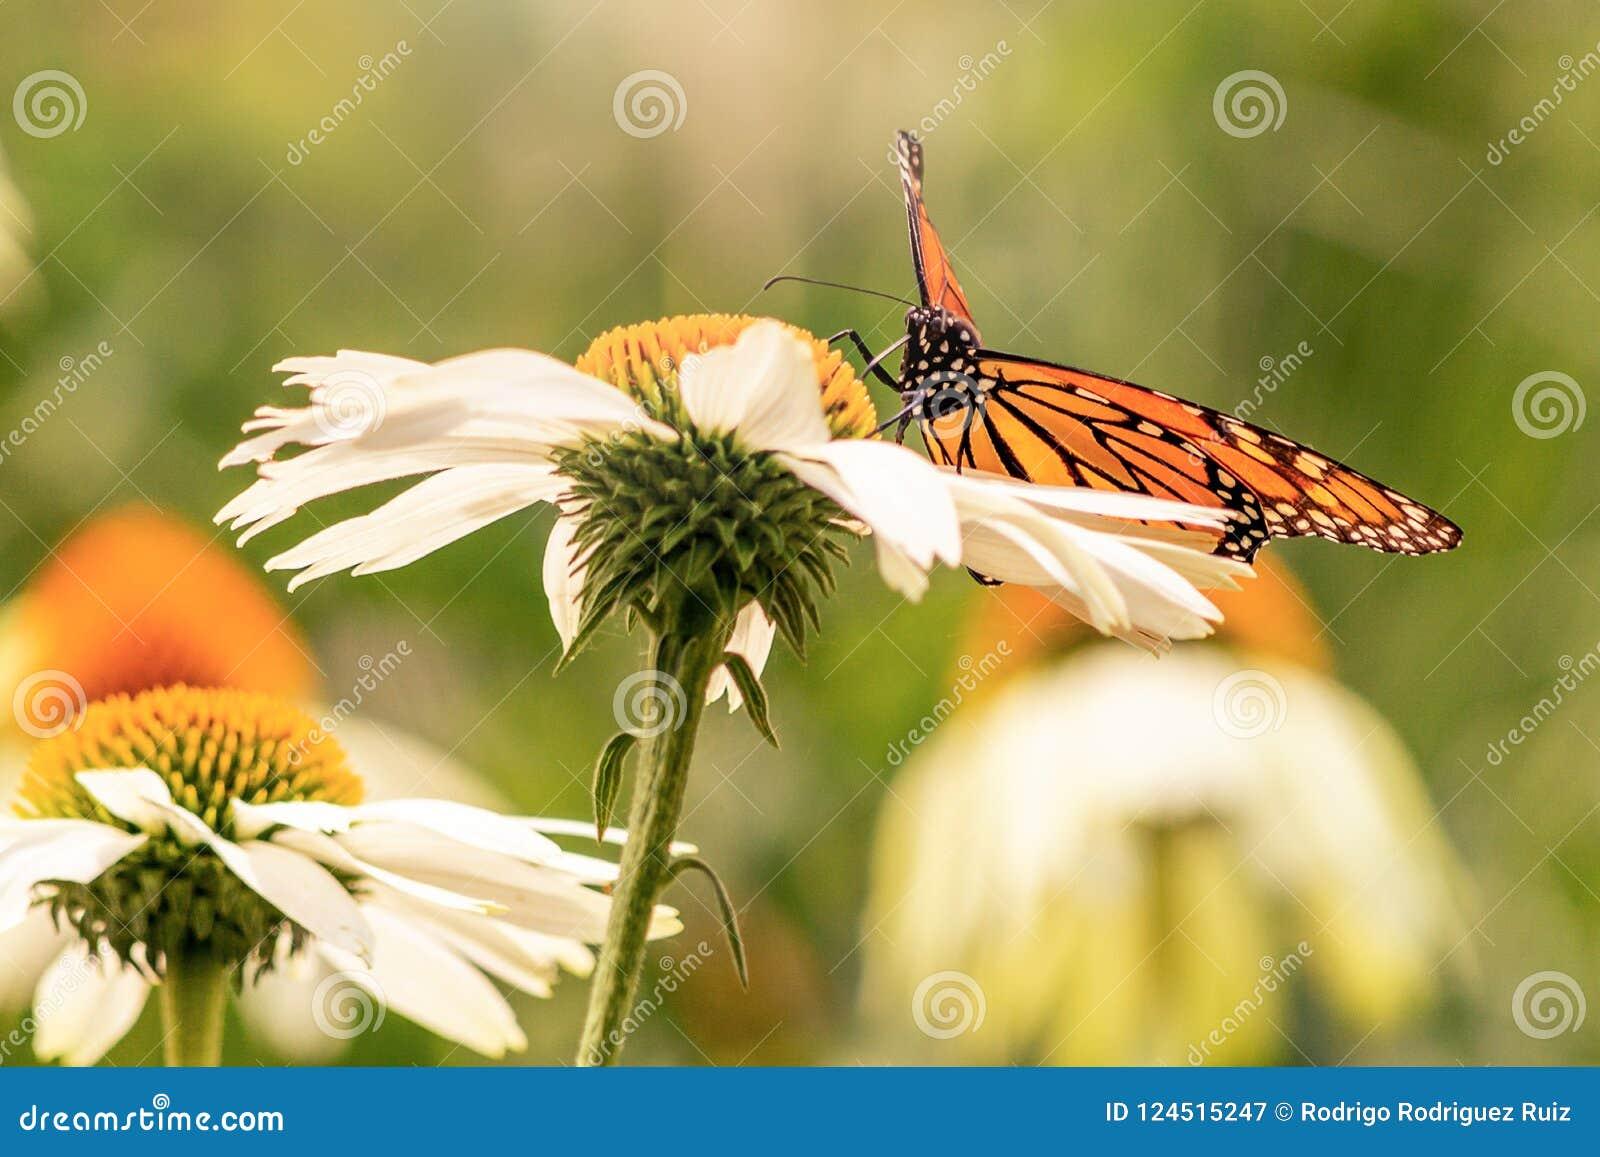 Πεταλούδα που στέκεται σε μια άσπρη μαργαρίτα